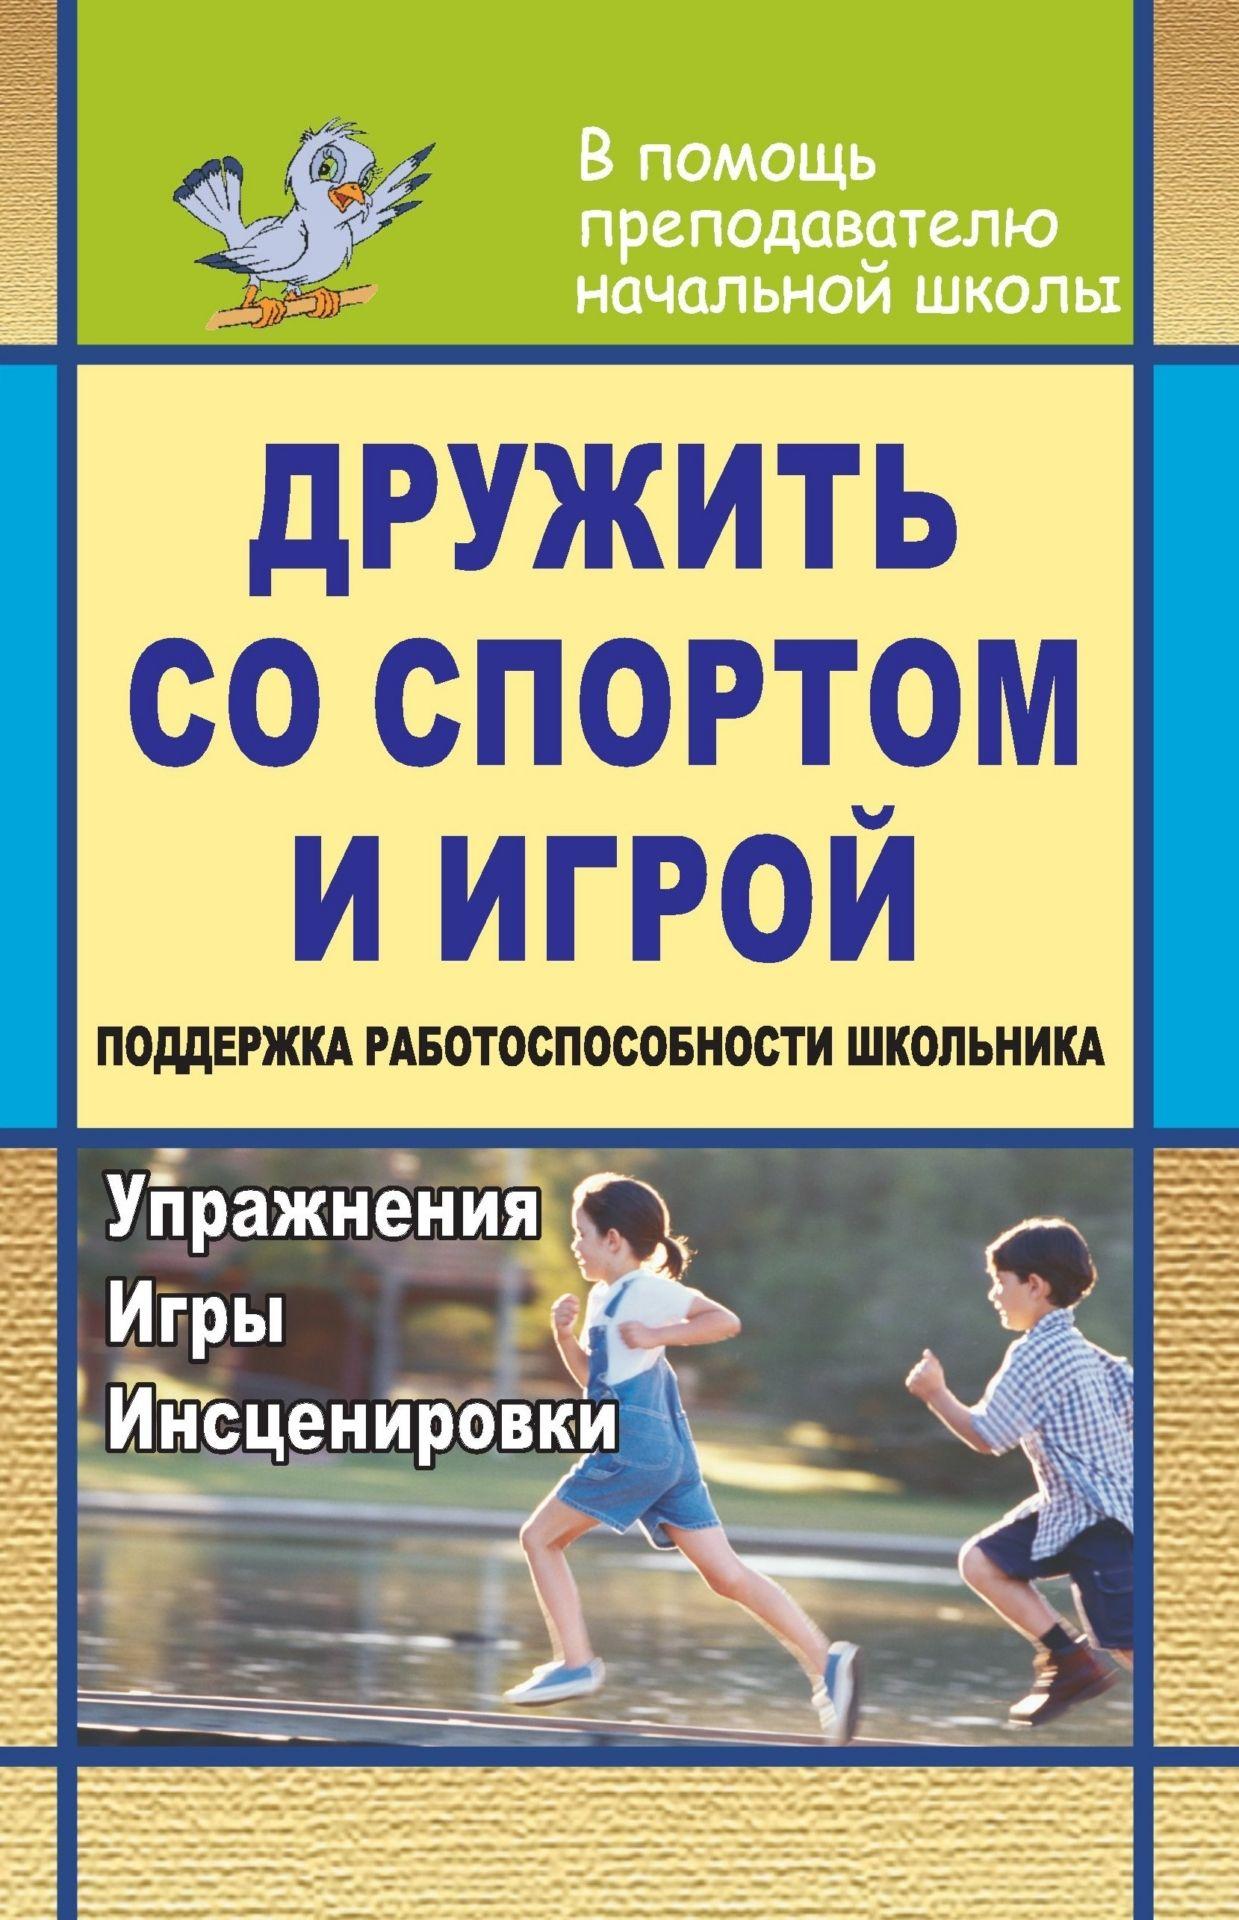 Дружить со спортом и игрой. Поддержка работоспособности школьника: упражнения, игры, инсценировкиВнеклассные мероприятия<br>Как поддерживать высокий уровень работоспособности детей на уроке? Материал пособия поможет педагогам вовремя снимать физическое или моральное напряжение школьников, развивать их восприятие, внимание, память, наблюдательность, воображение.В пособии предла...<br><br>Авторы: Попова Г. П.<br>Год: 2008<br>Серия: В помощь преподавателю начальной школы<br>ISBN: 978-5-7057-1264-9<br>Высота: 213<br>Ширина: 138<br>Толщина: 7